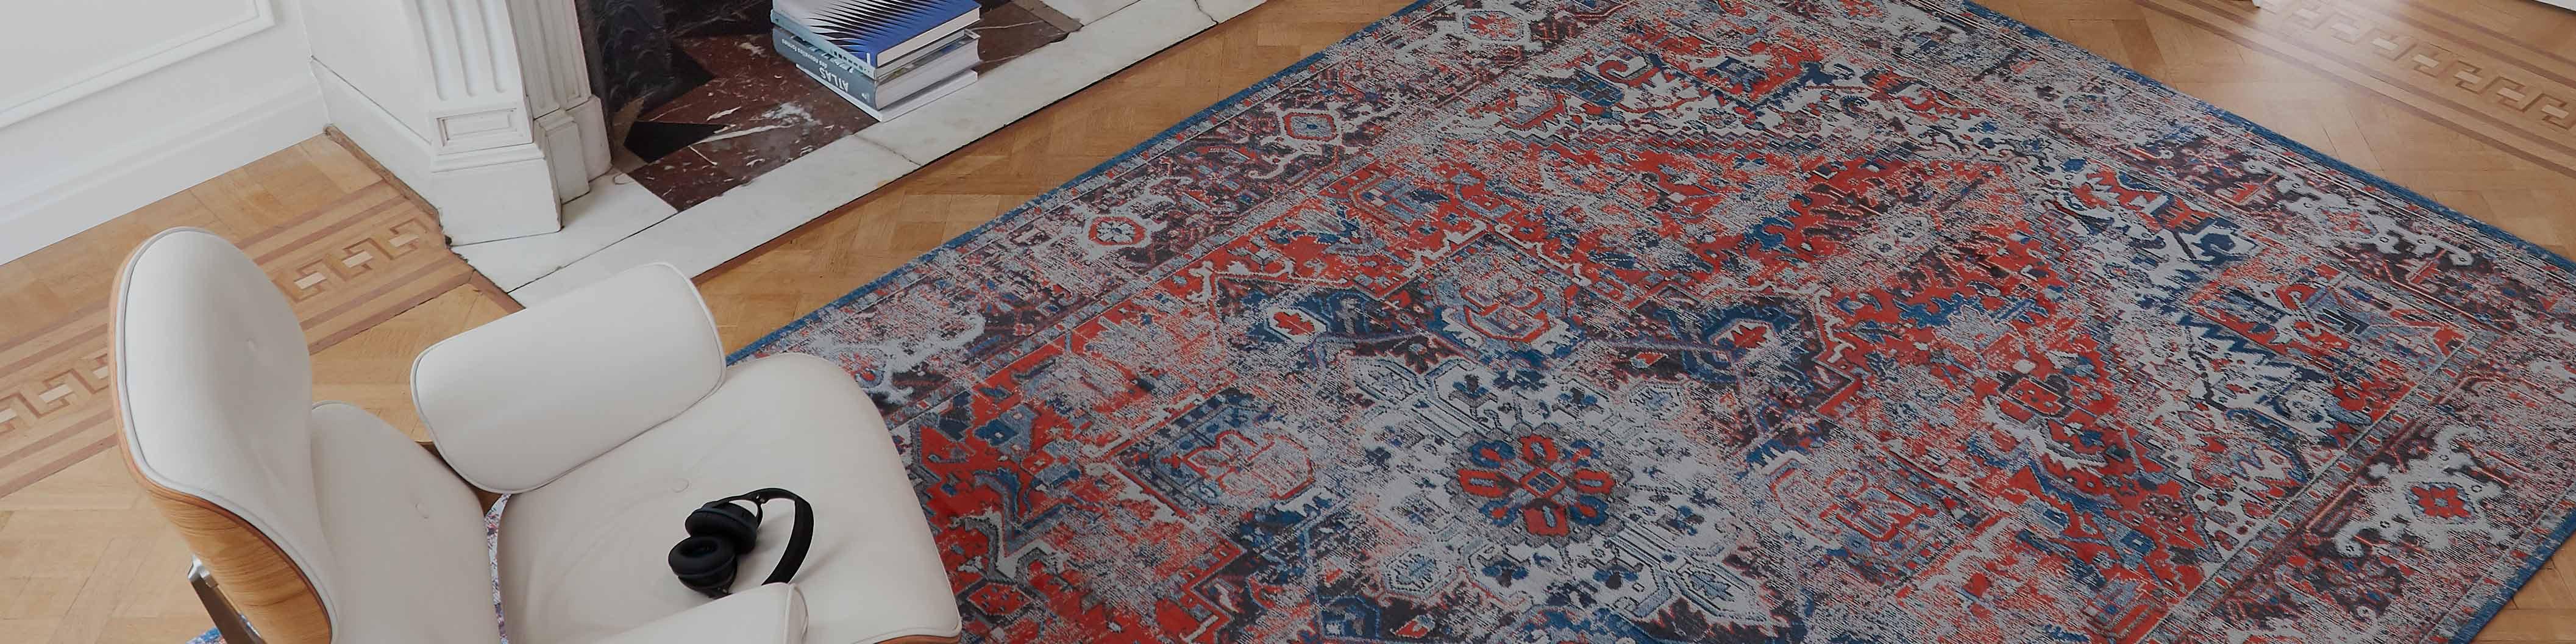 tapis rouge tapis bordeaux tapis rouge salon saint maclou